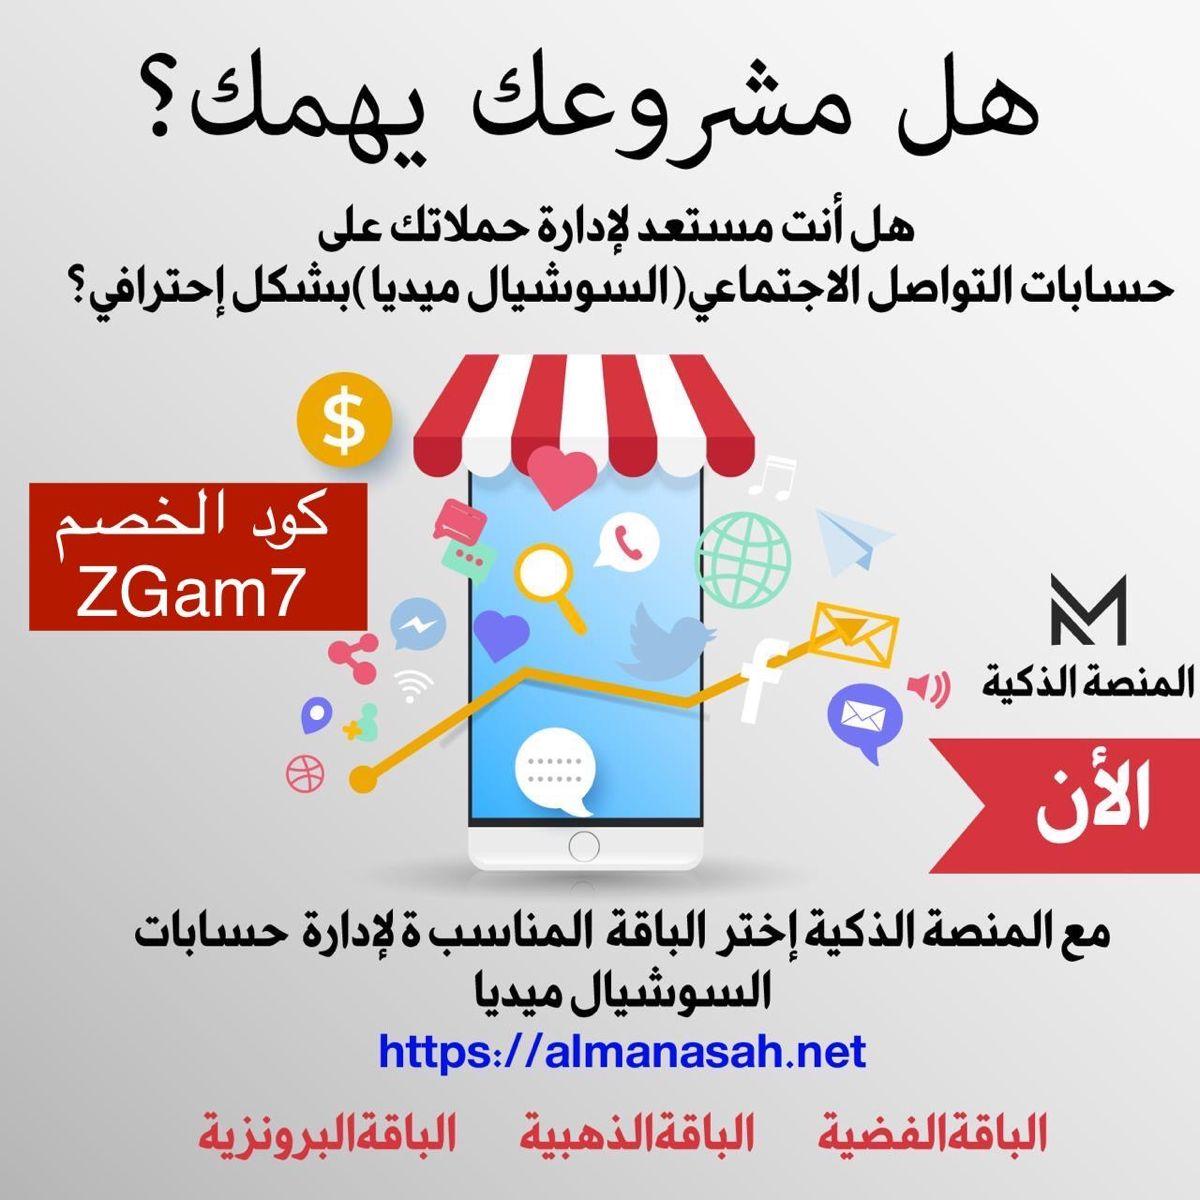 كود خصم Zgam7 إدارة حسابات السوشيل ميديا الباقة الفضية Map Slc